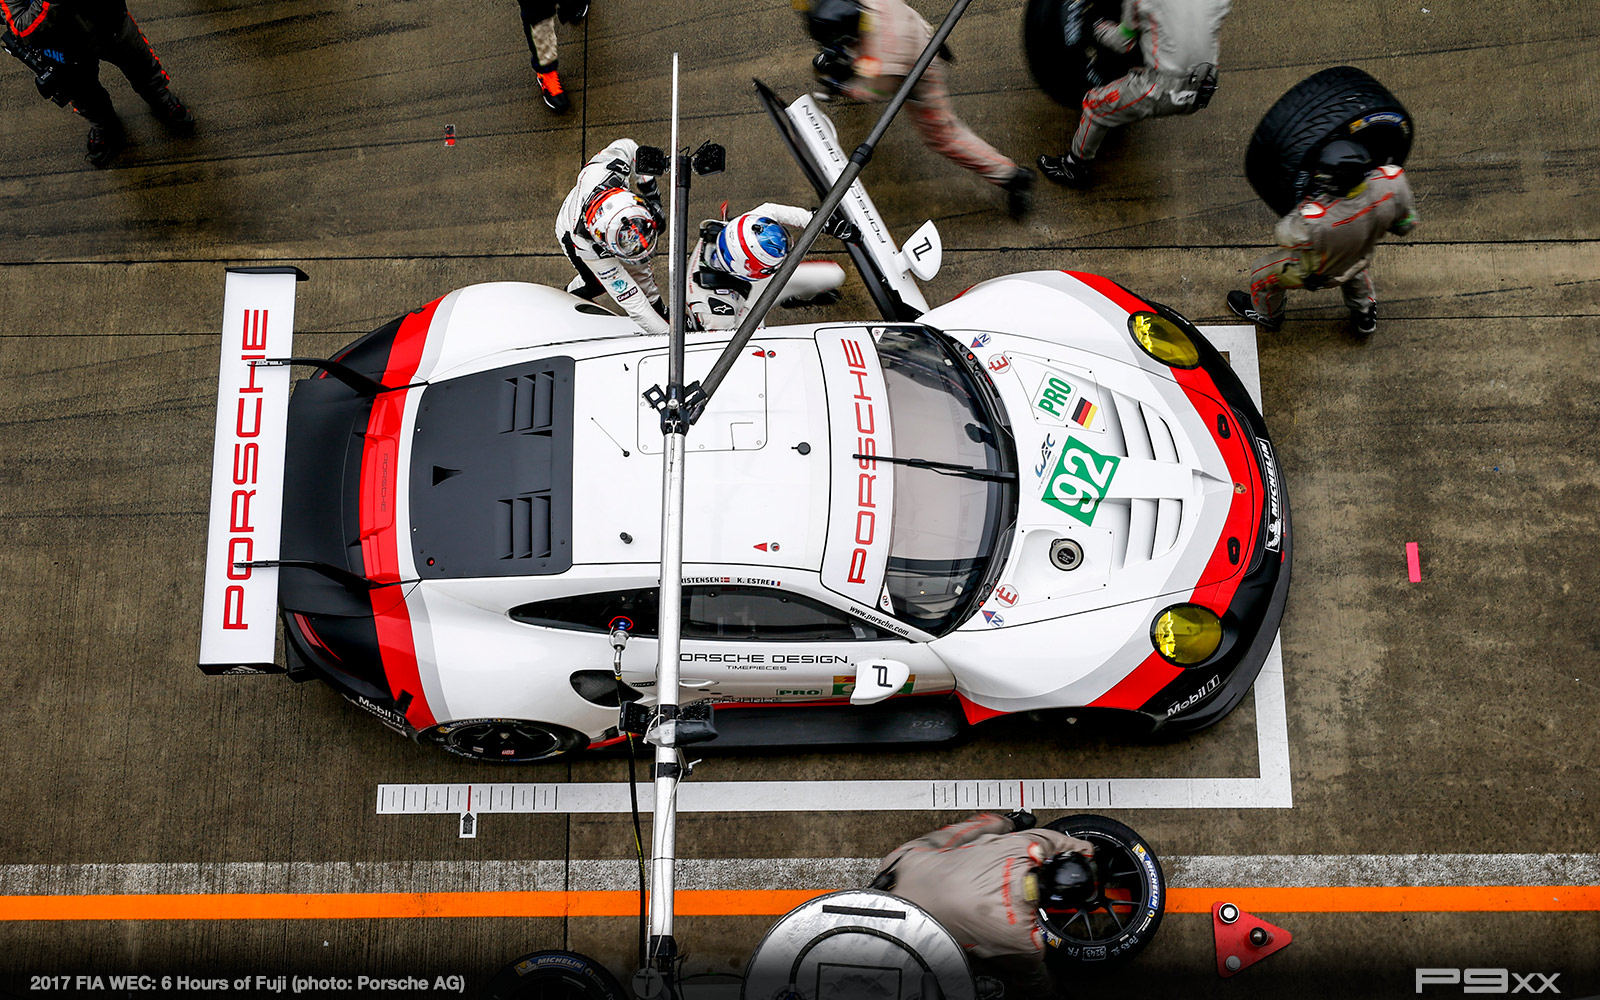 2017-FIA-WEC-6h-of-Fuji-Porsche-396